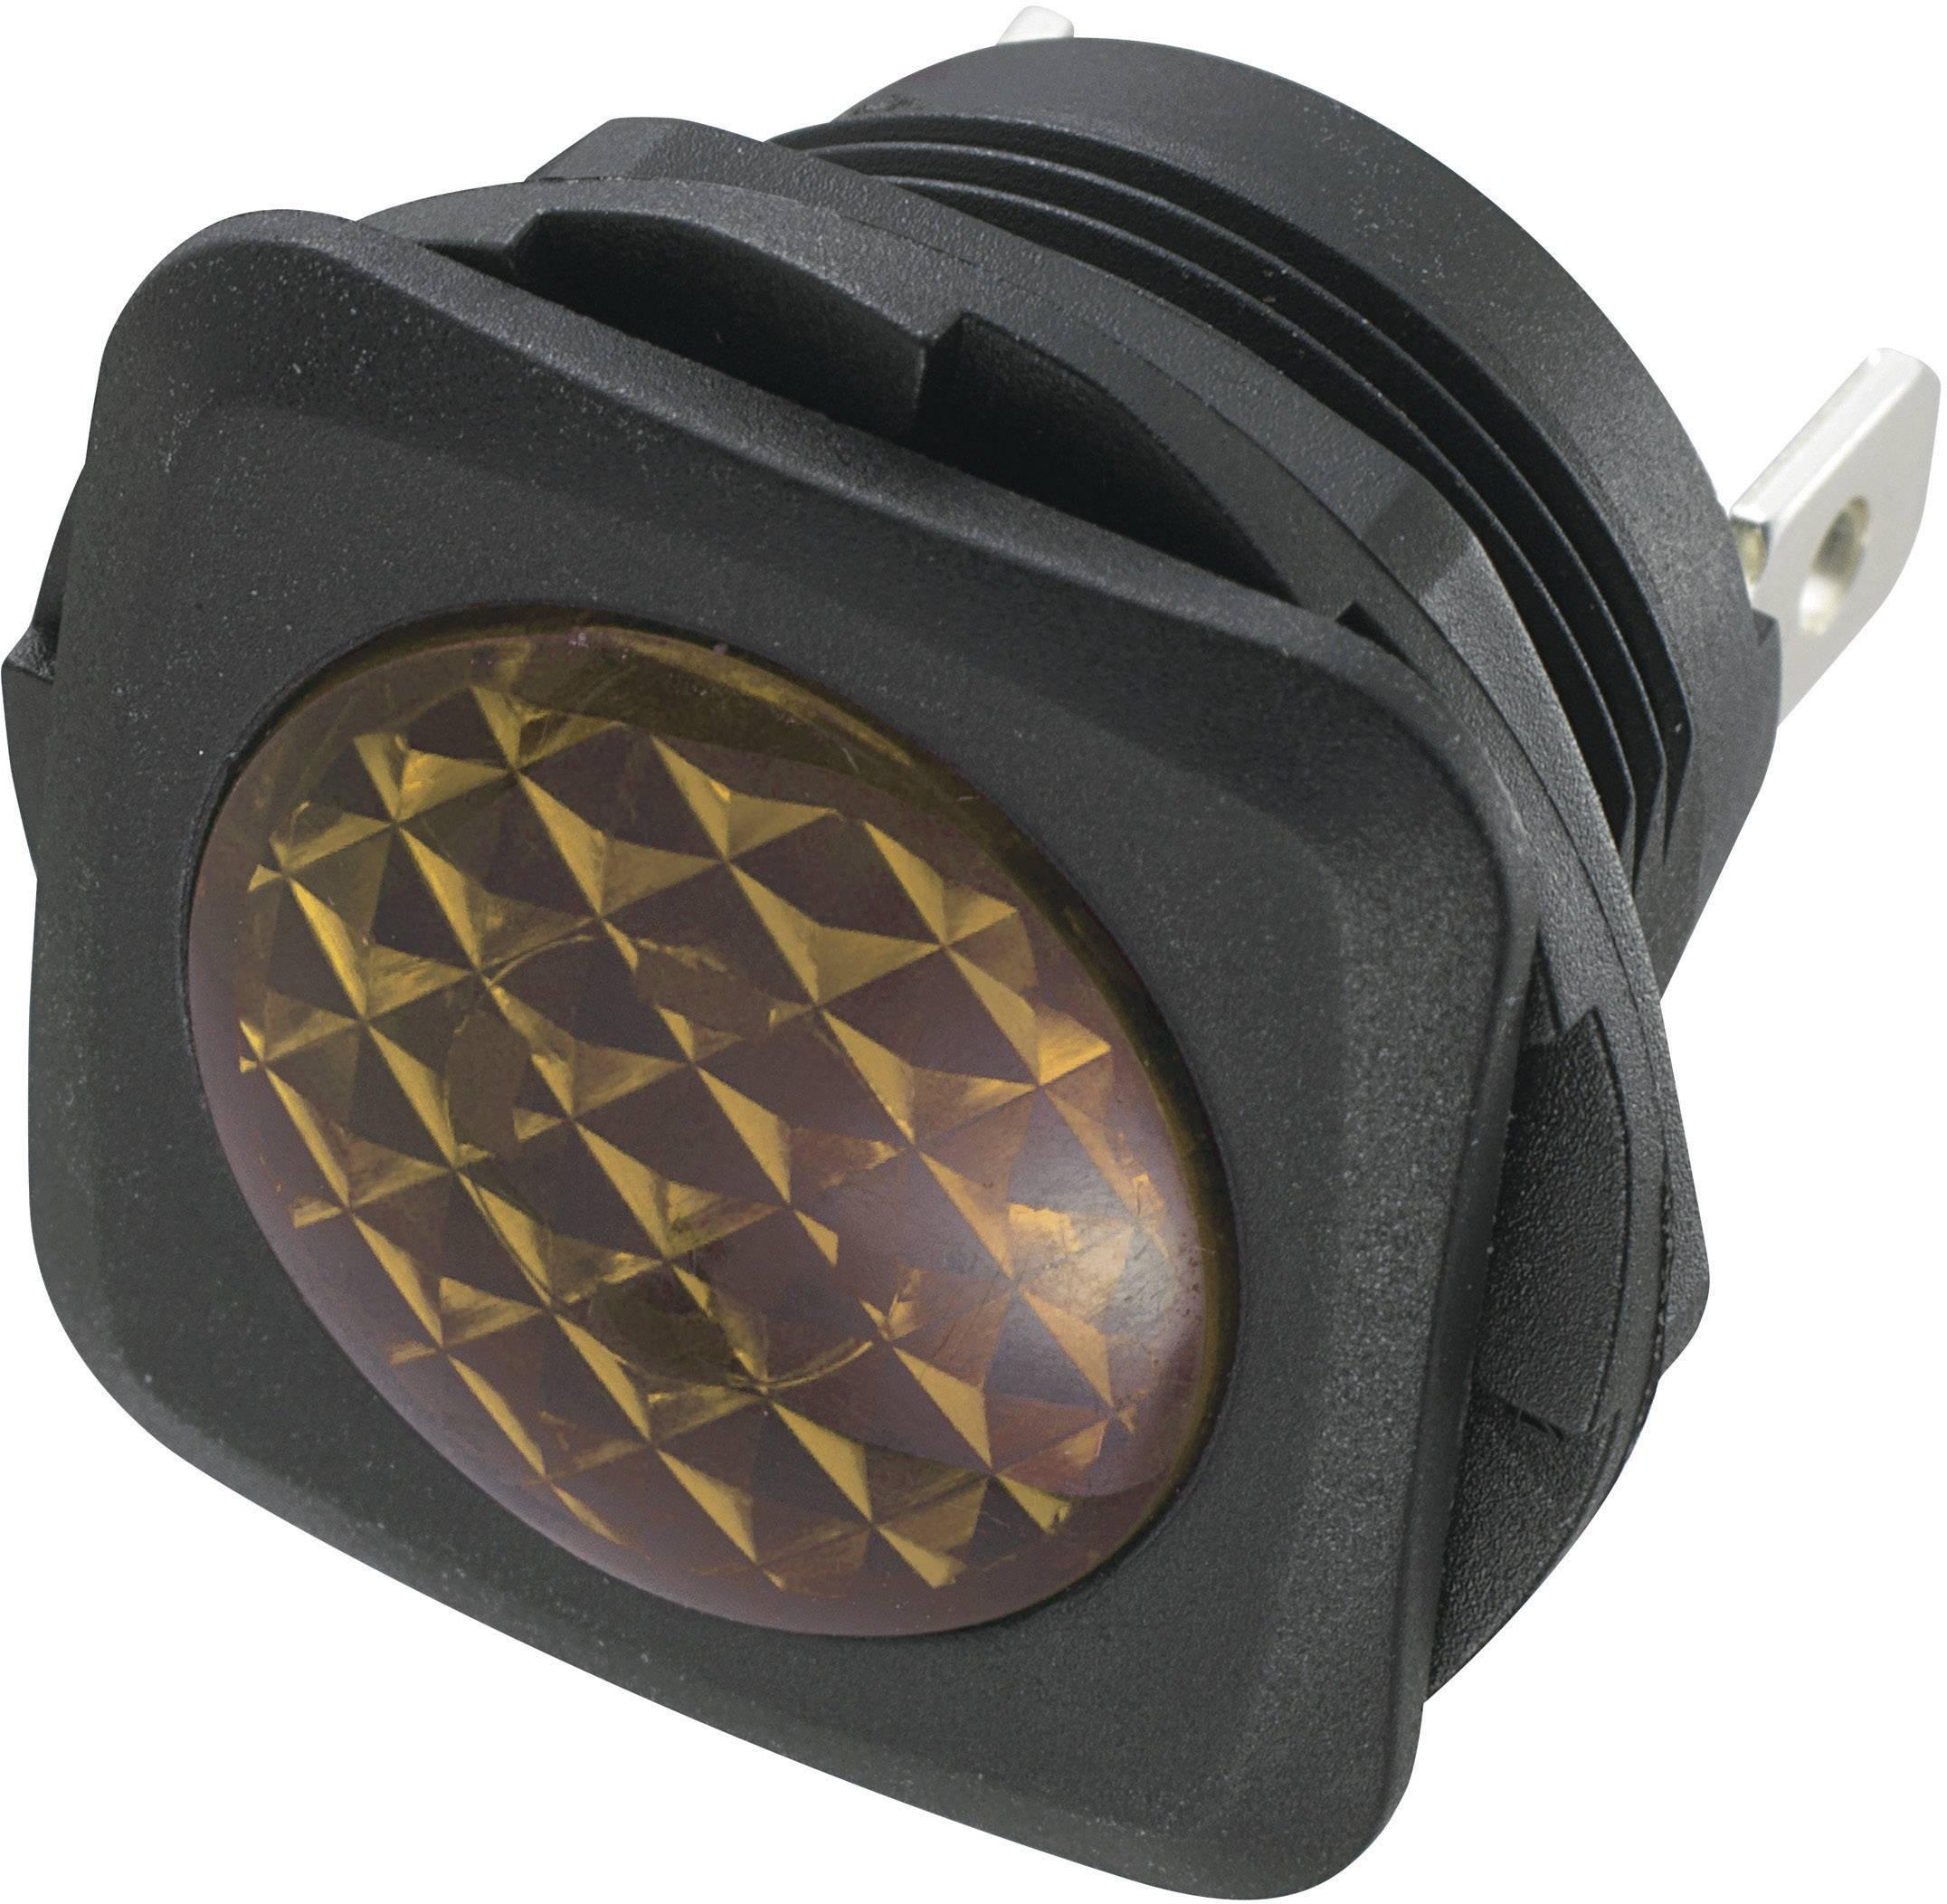 Neonové signalizační světlo SCI, žlutá, čtvercové